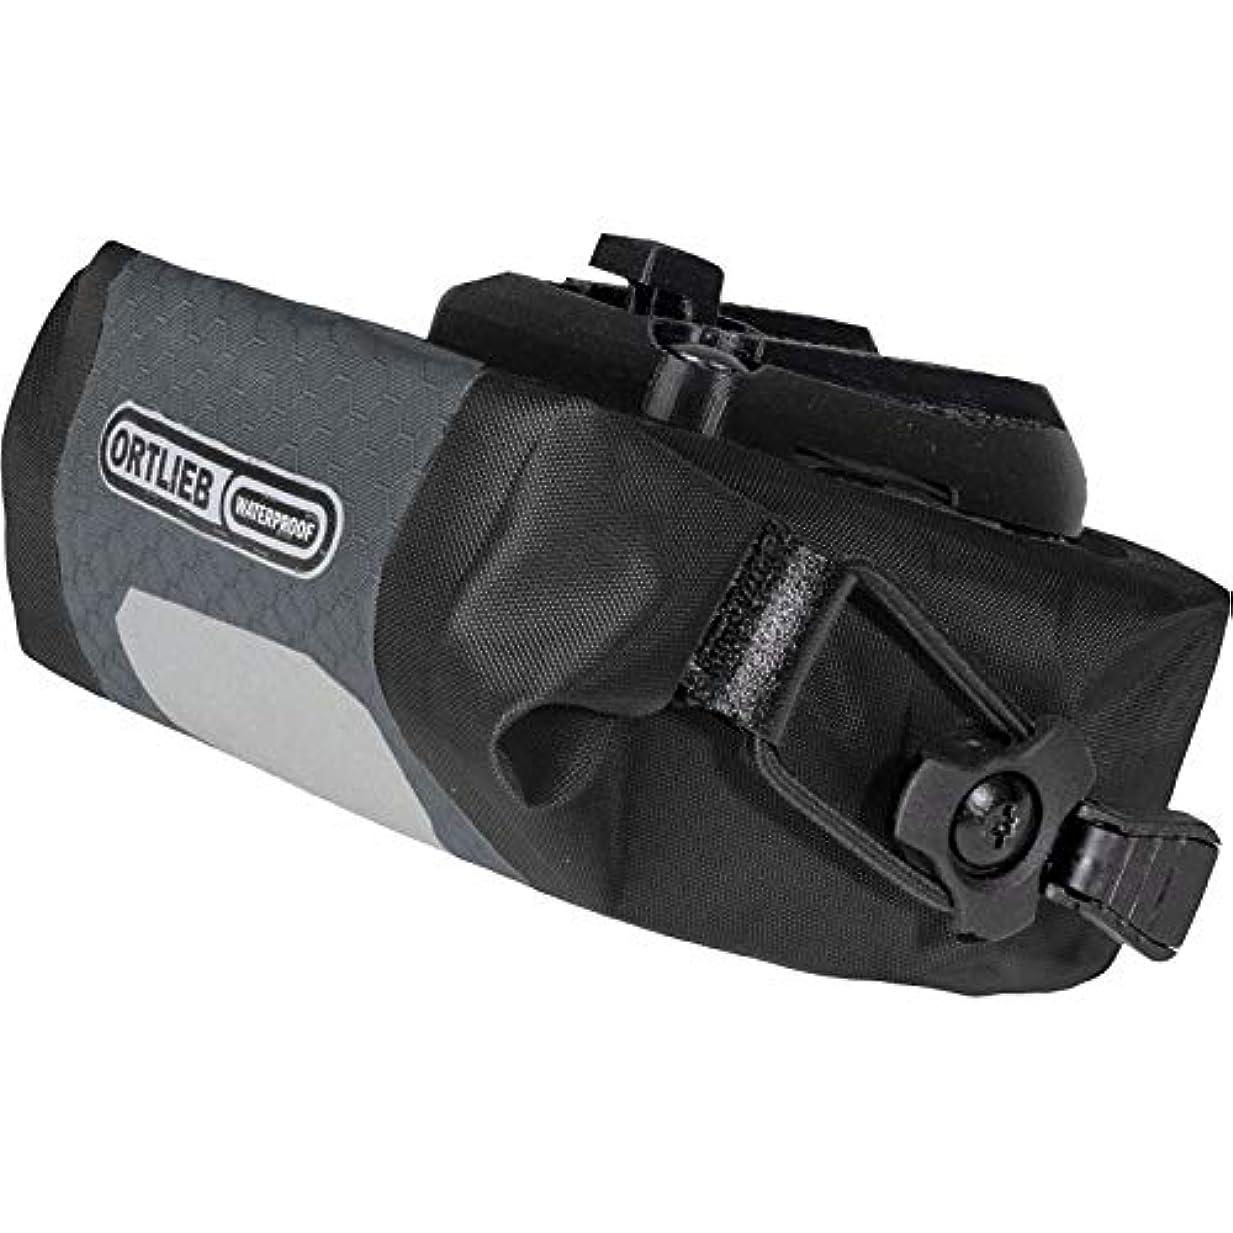 スーツ世代デジタルオルトリーブ(ORTLIEB) マイクロ2/0.5L F9661 スレート/ブラック